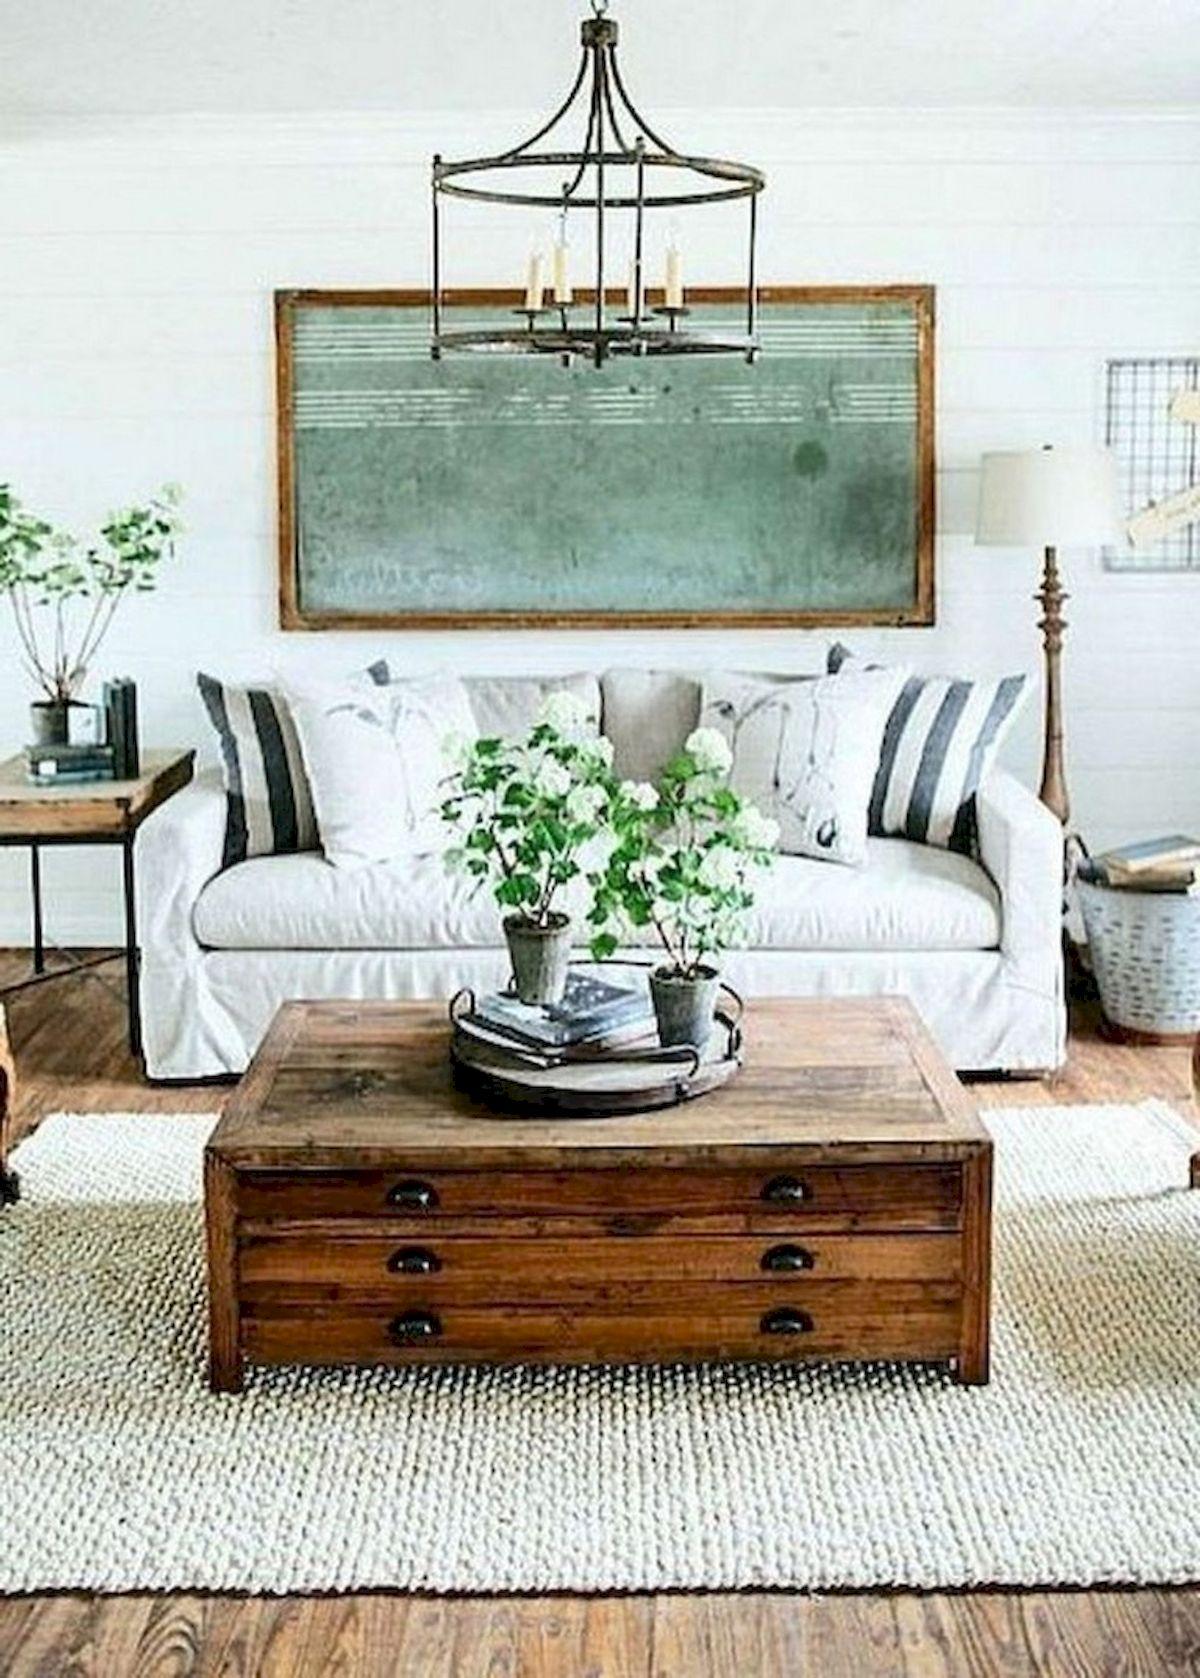 50 Cozy Farmhouse Living Room Design and Decor Ideas (39)